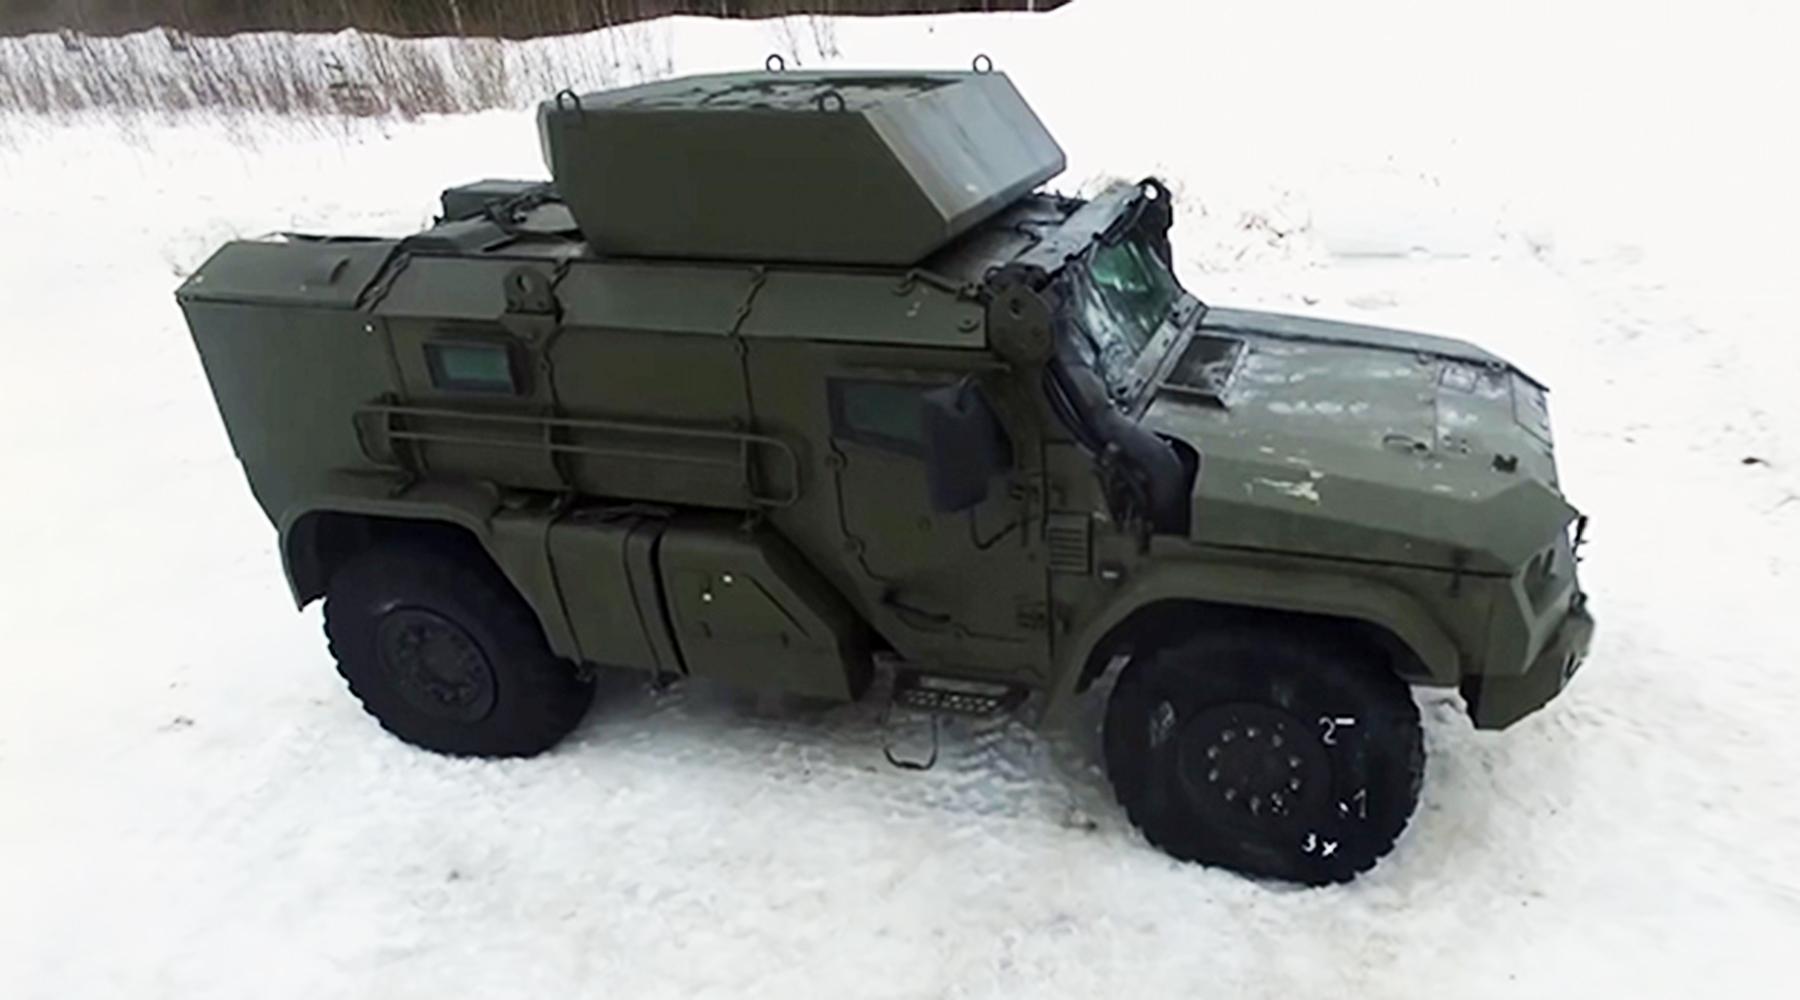 «Мобильность и ударные возможности»: чем уникален новый российский авиадесантируемый бронеавтомобиль «Тайфун-ВДВ»2